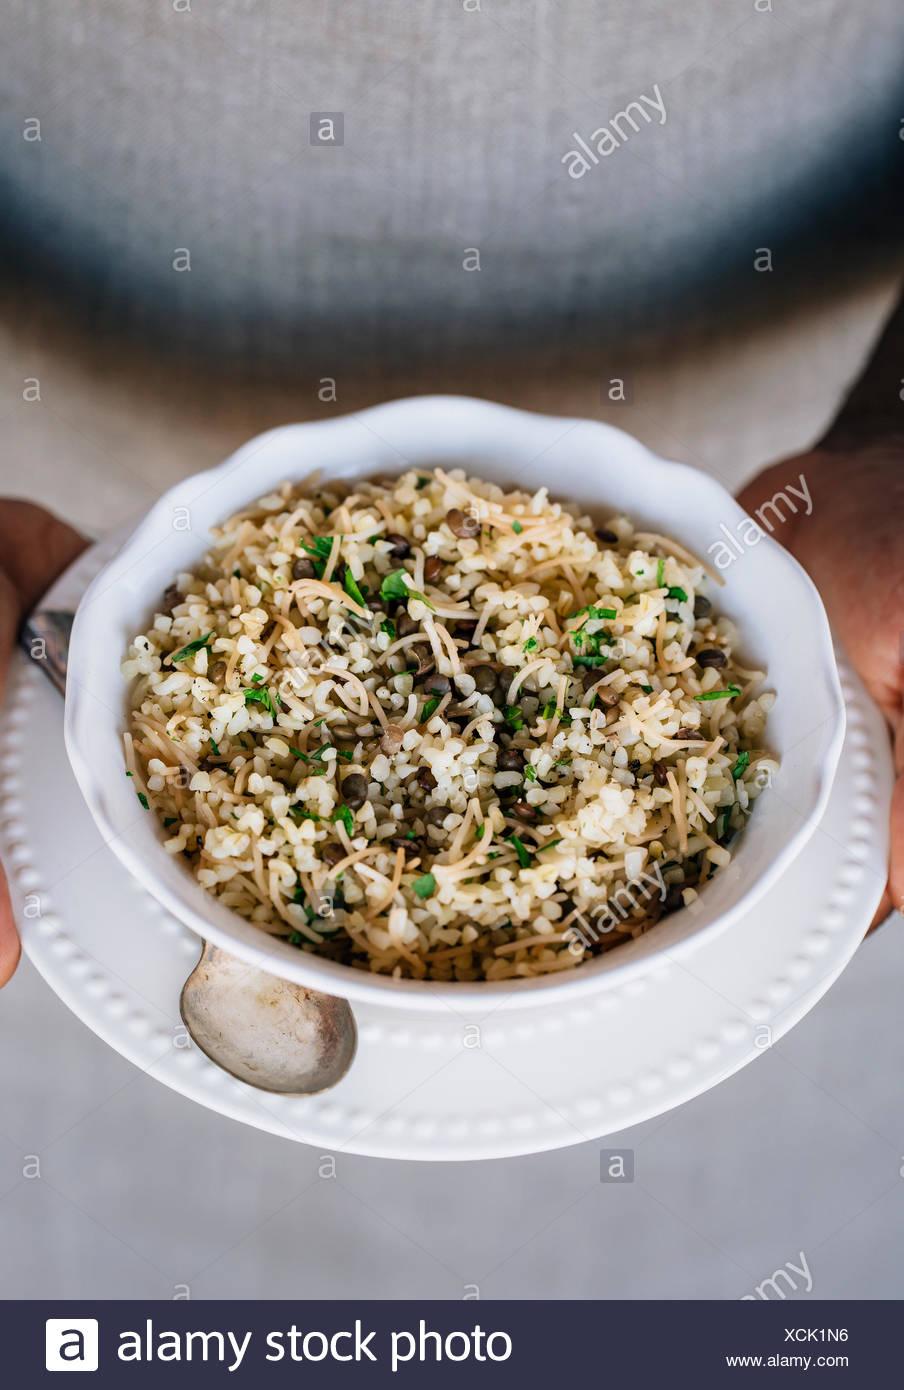 Una tazza di bulgur pilaf mescolato con le lenticchie e le erbe fresche sono nelle mani di un uomo che indossa un grembiule. Immagini Stock